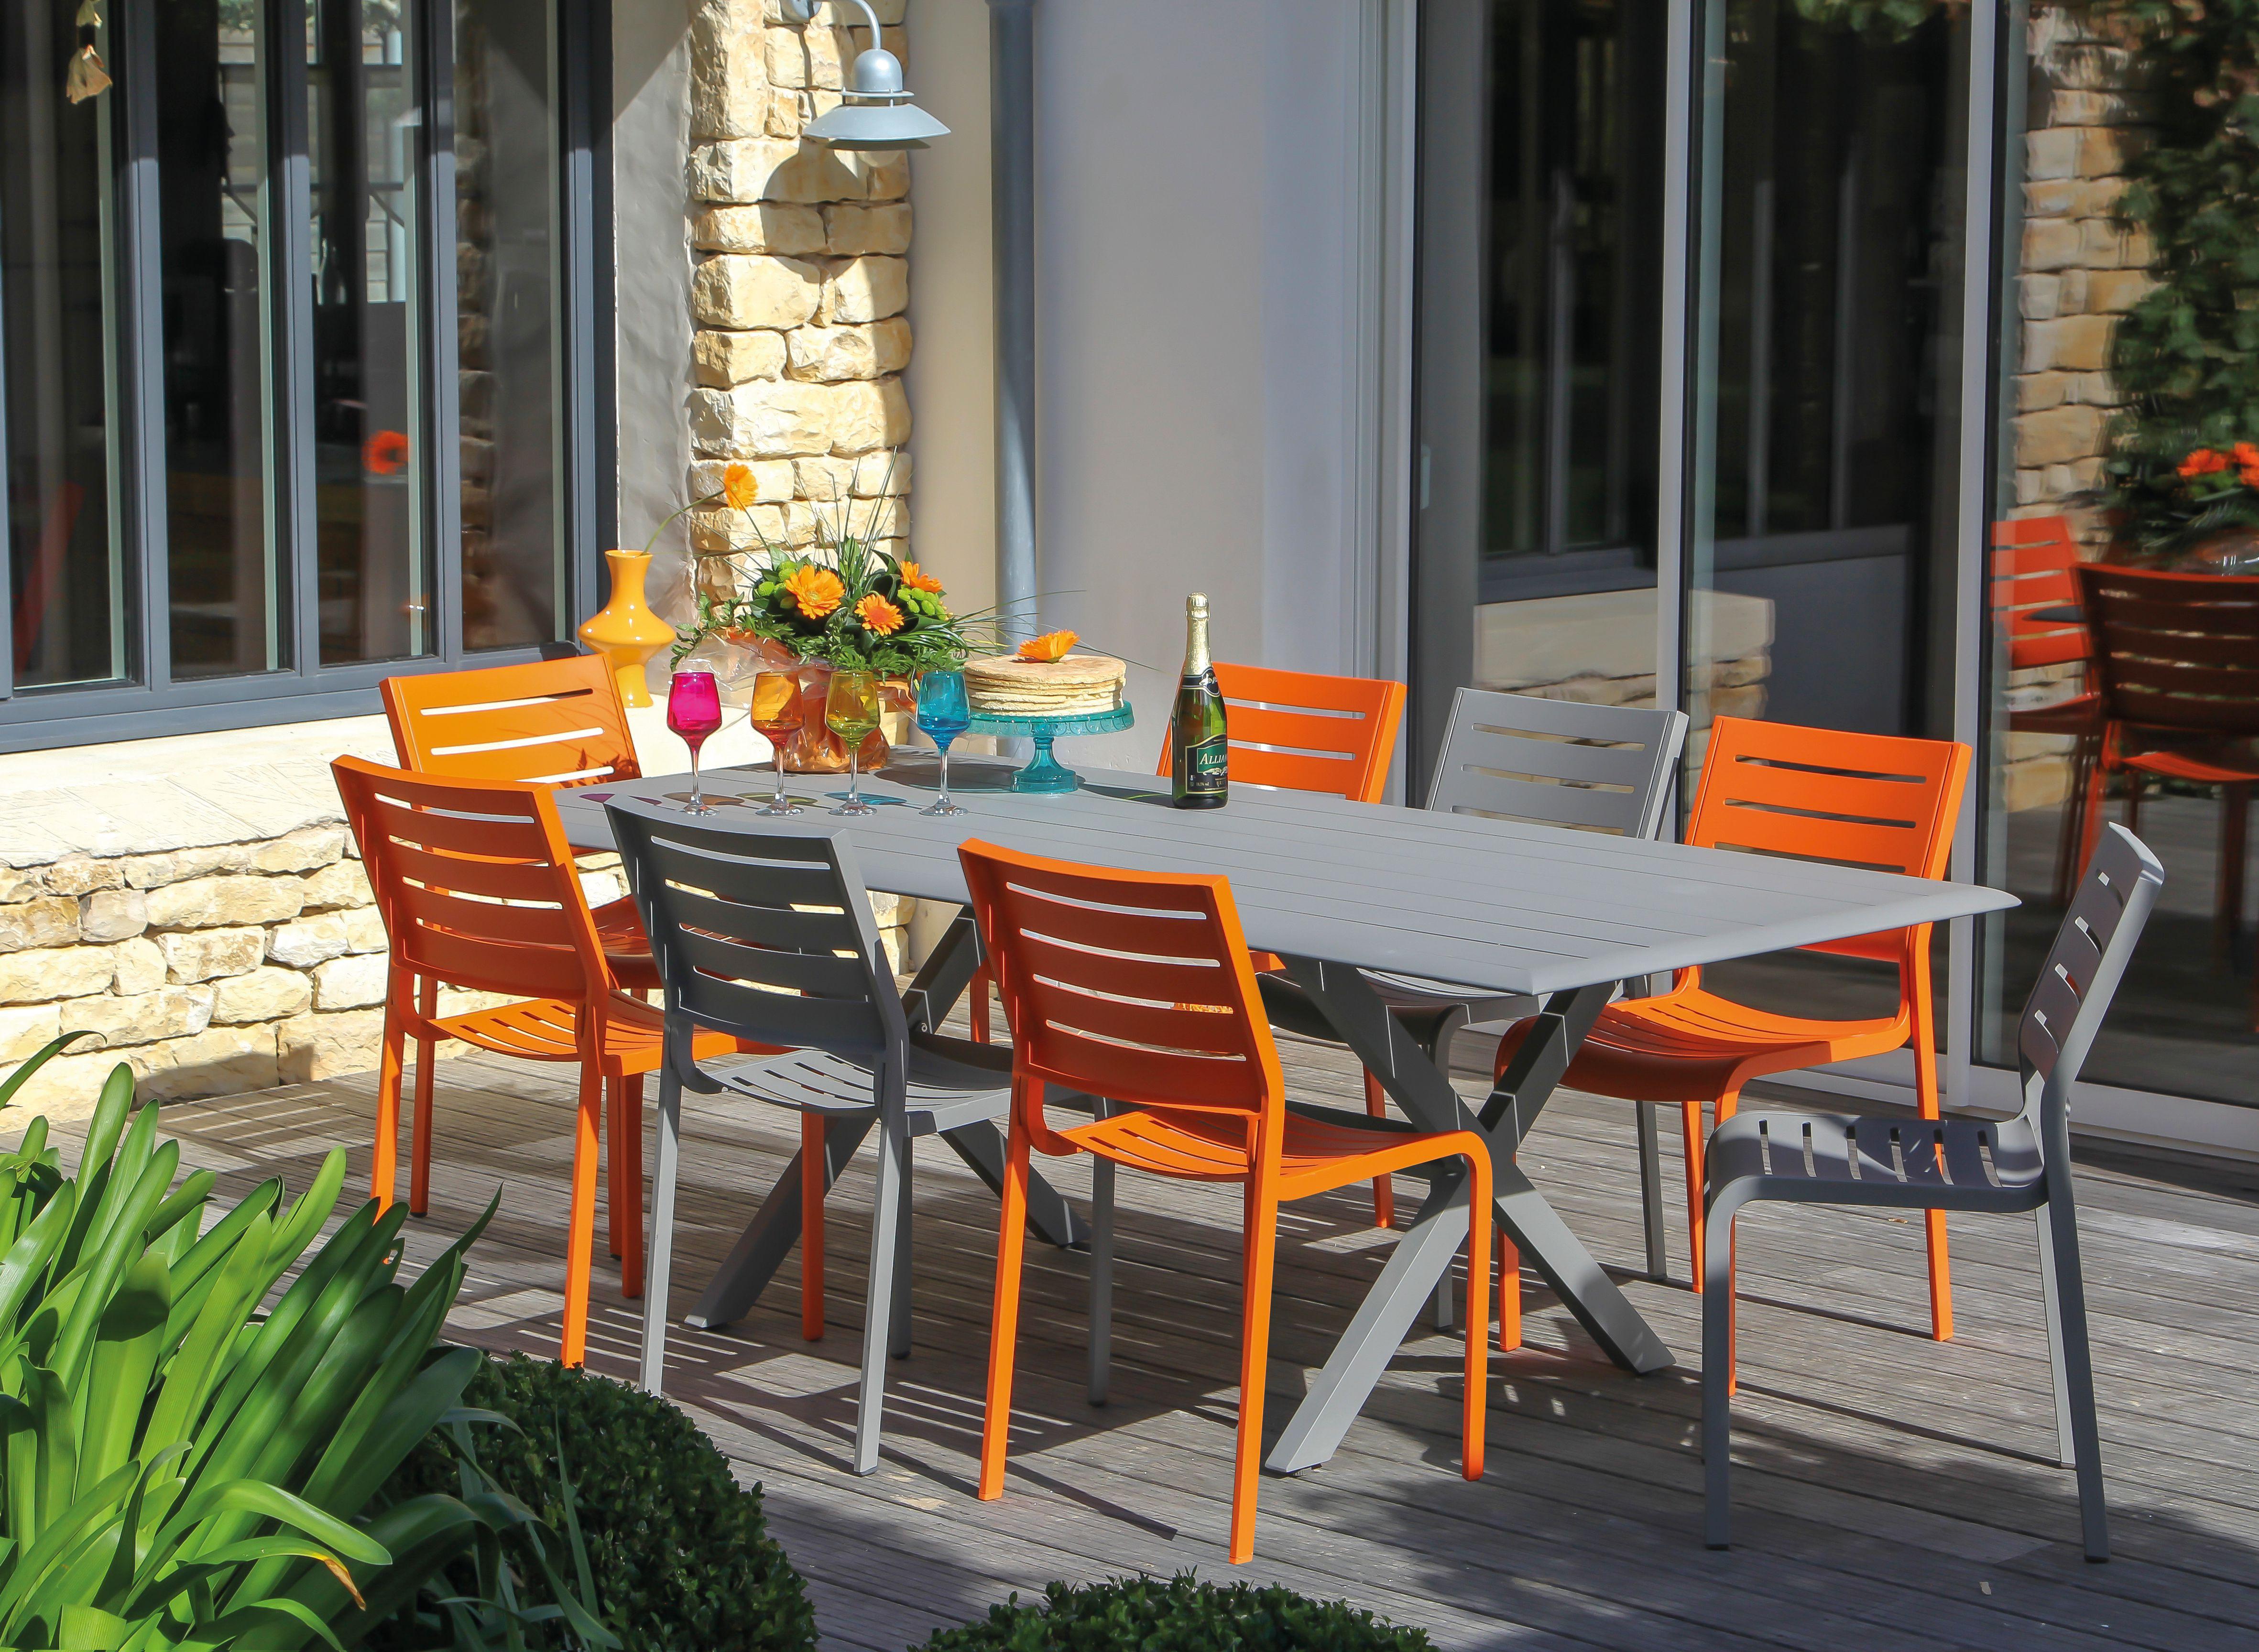 Salon de jardin en fer coloré - Abri de jardin et balancoire ...